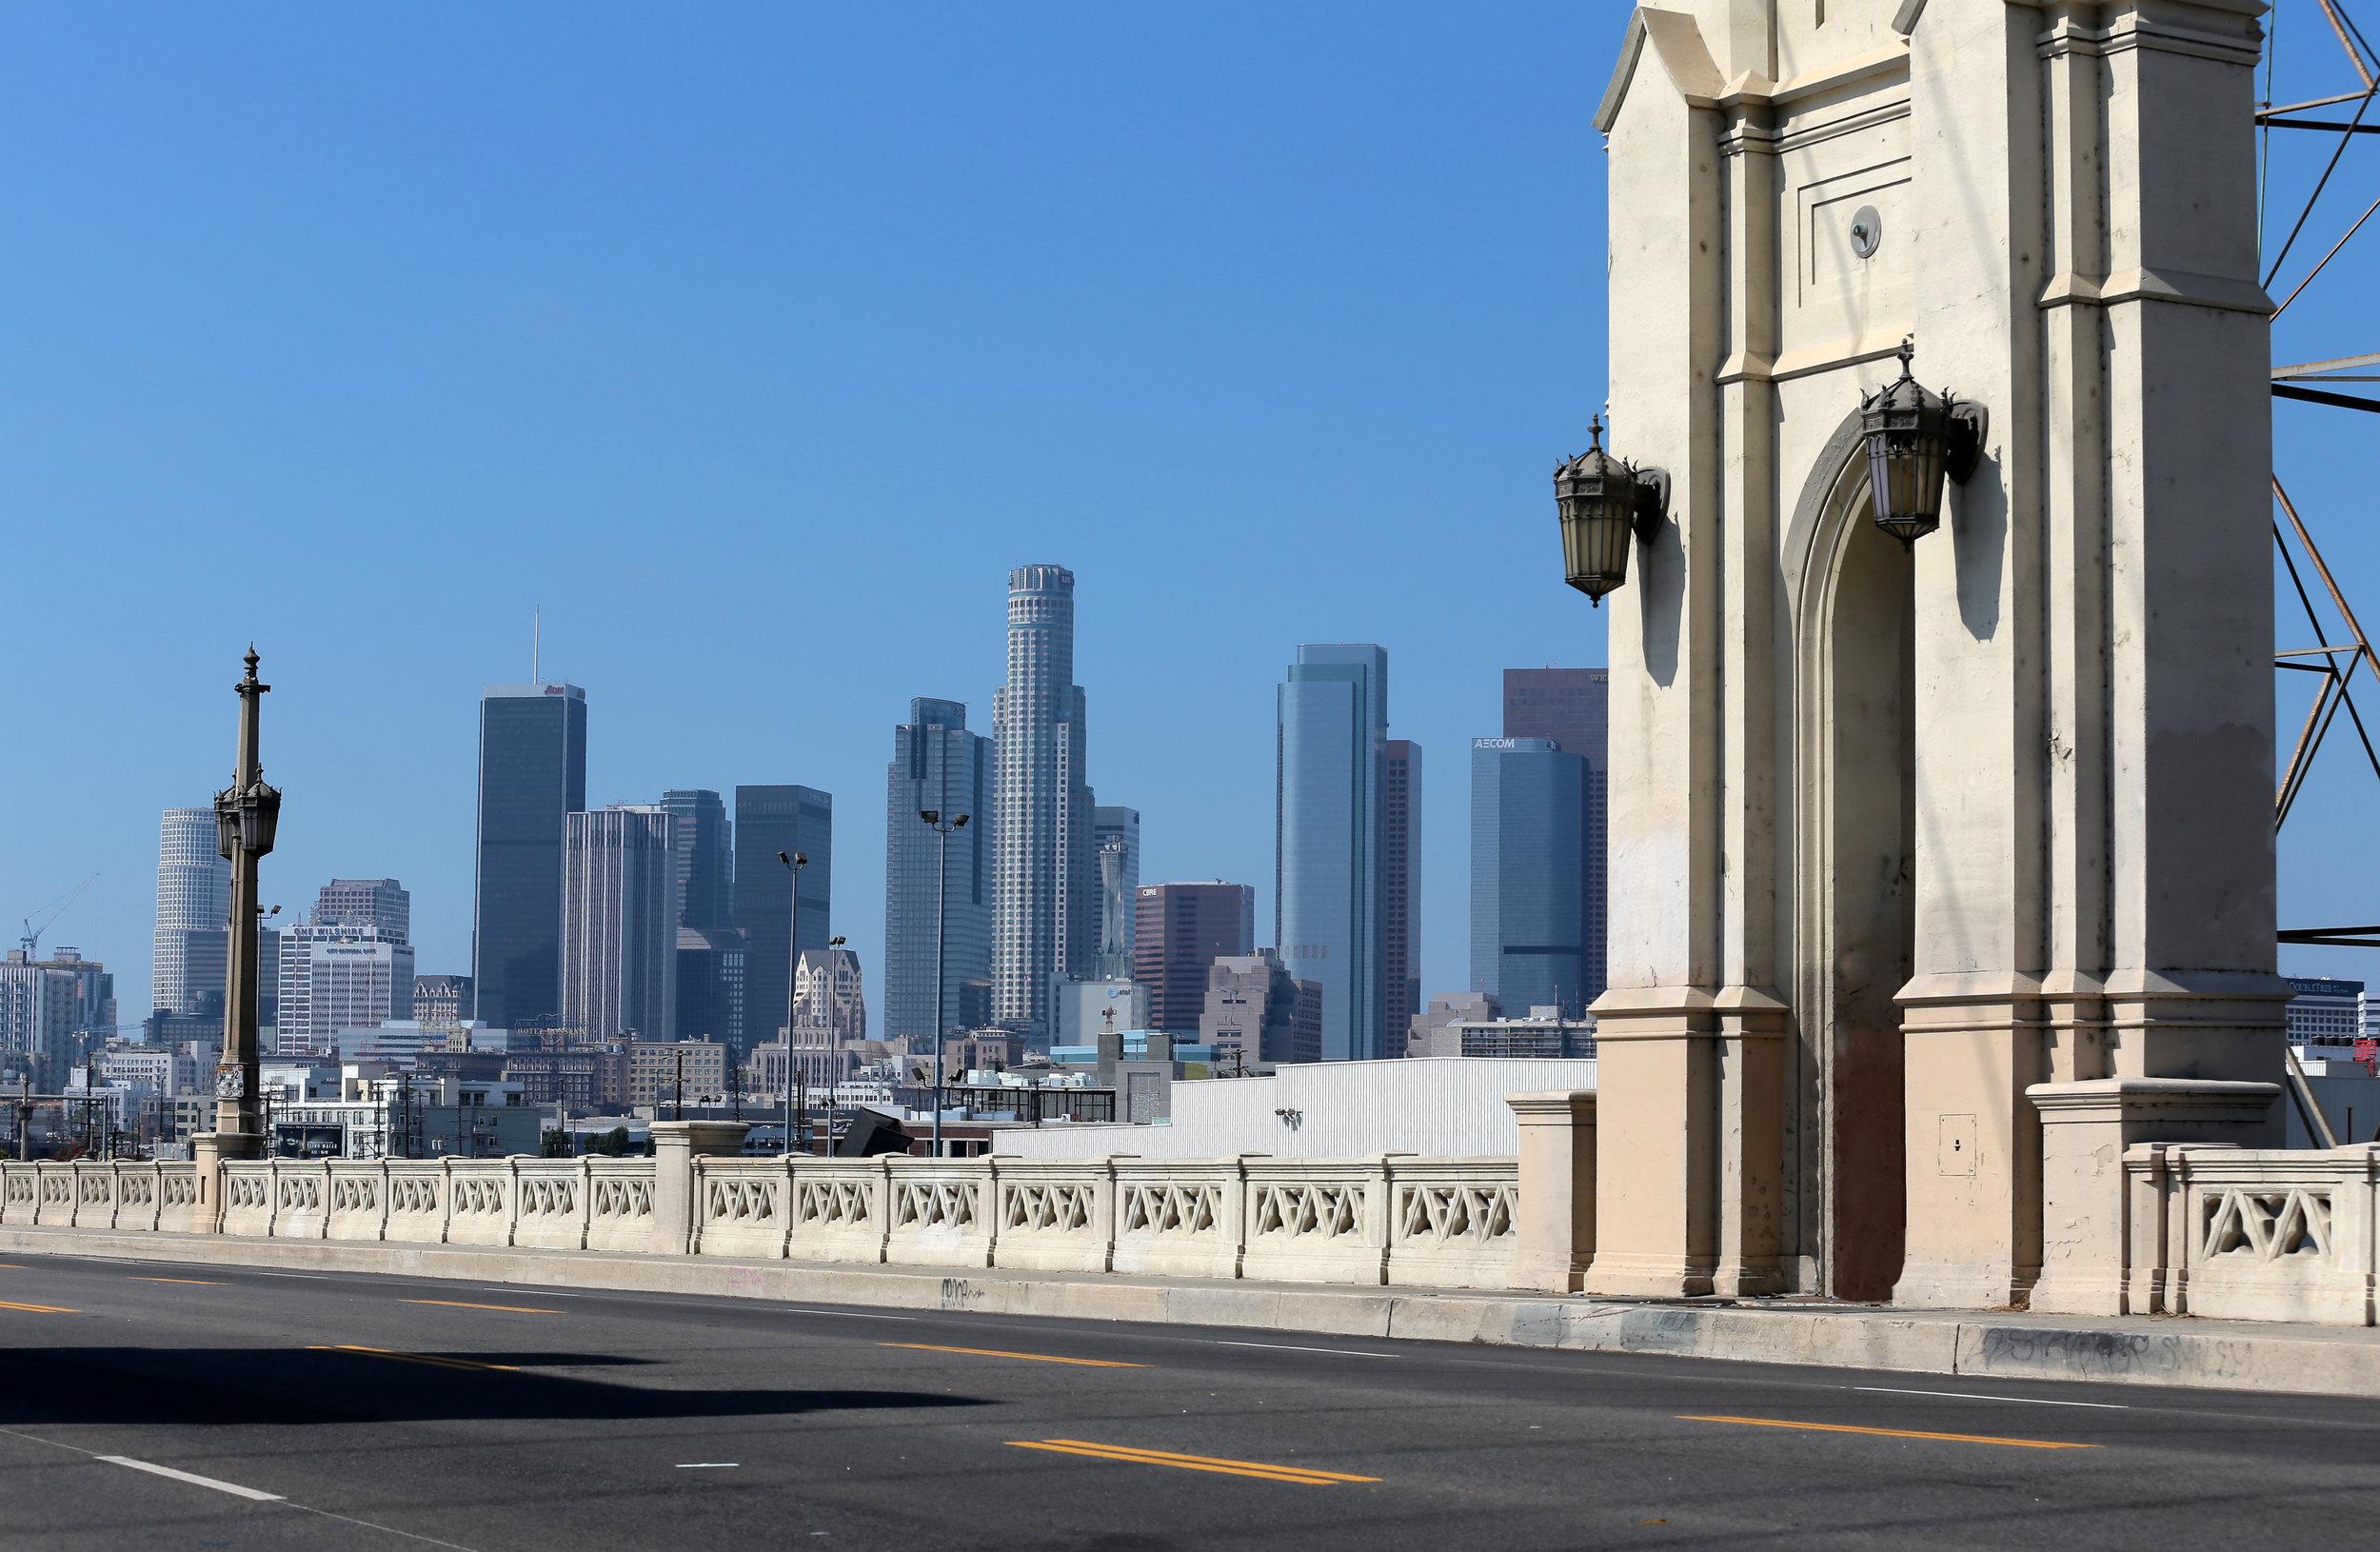 4th Street bridge